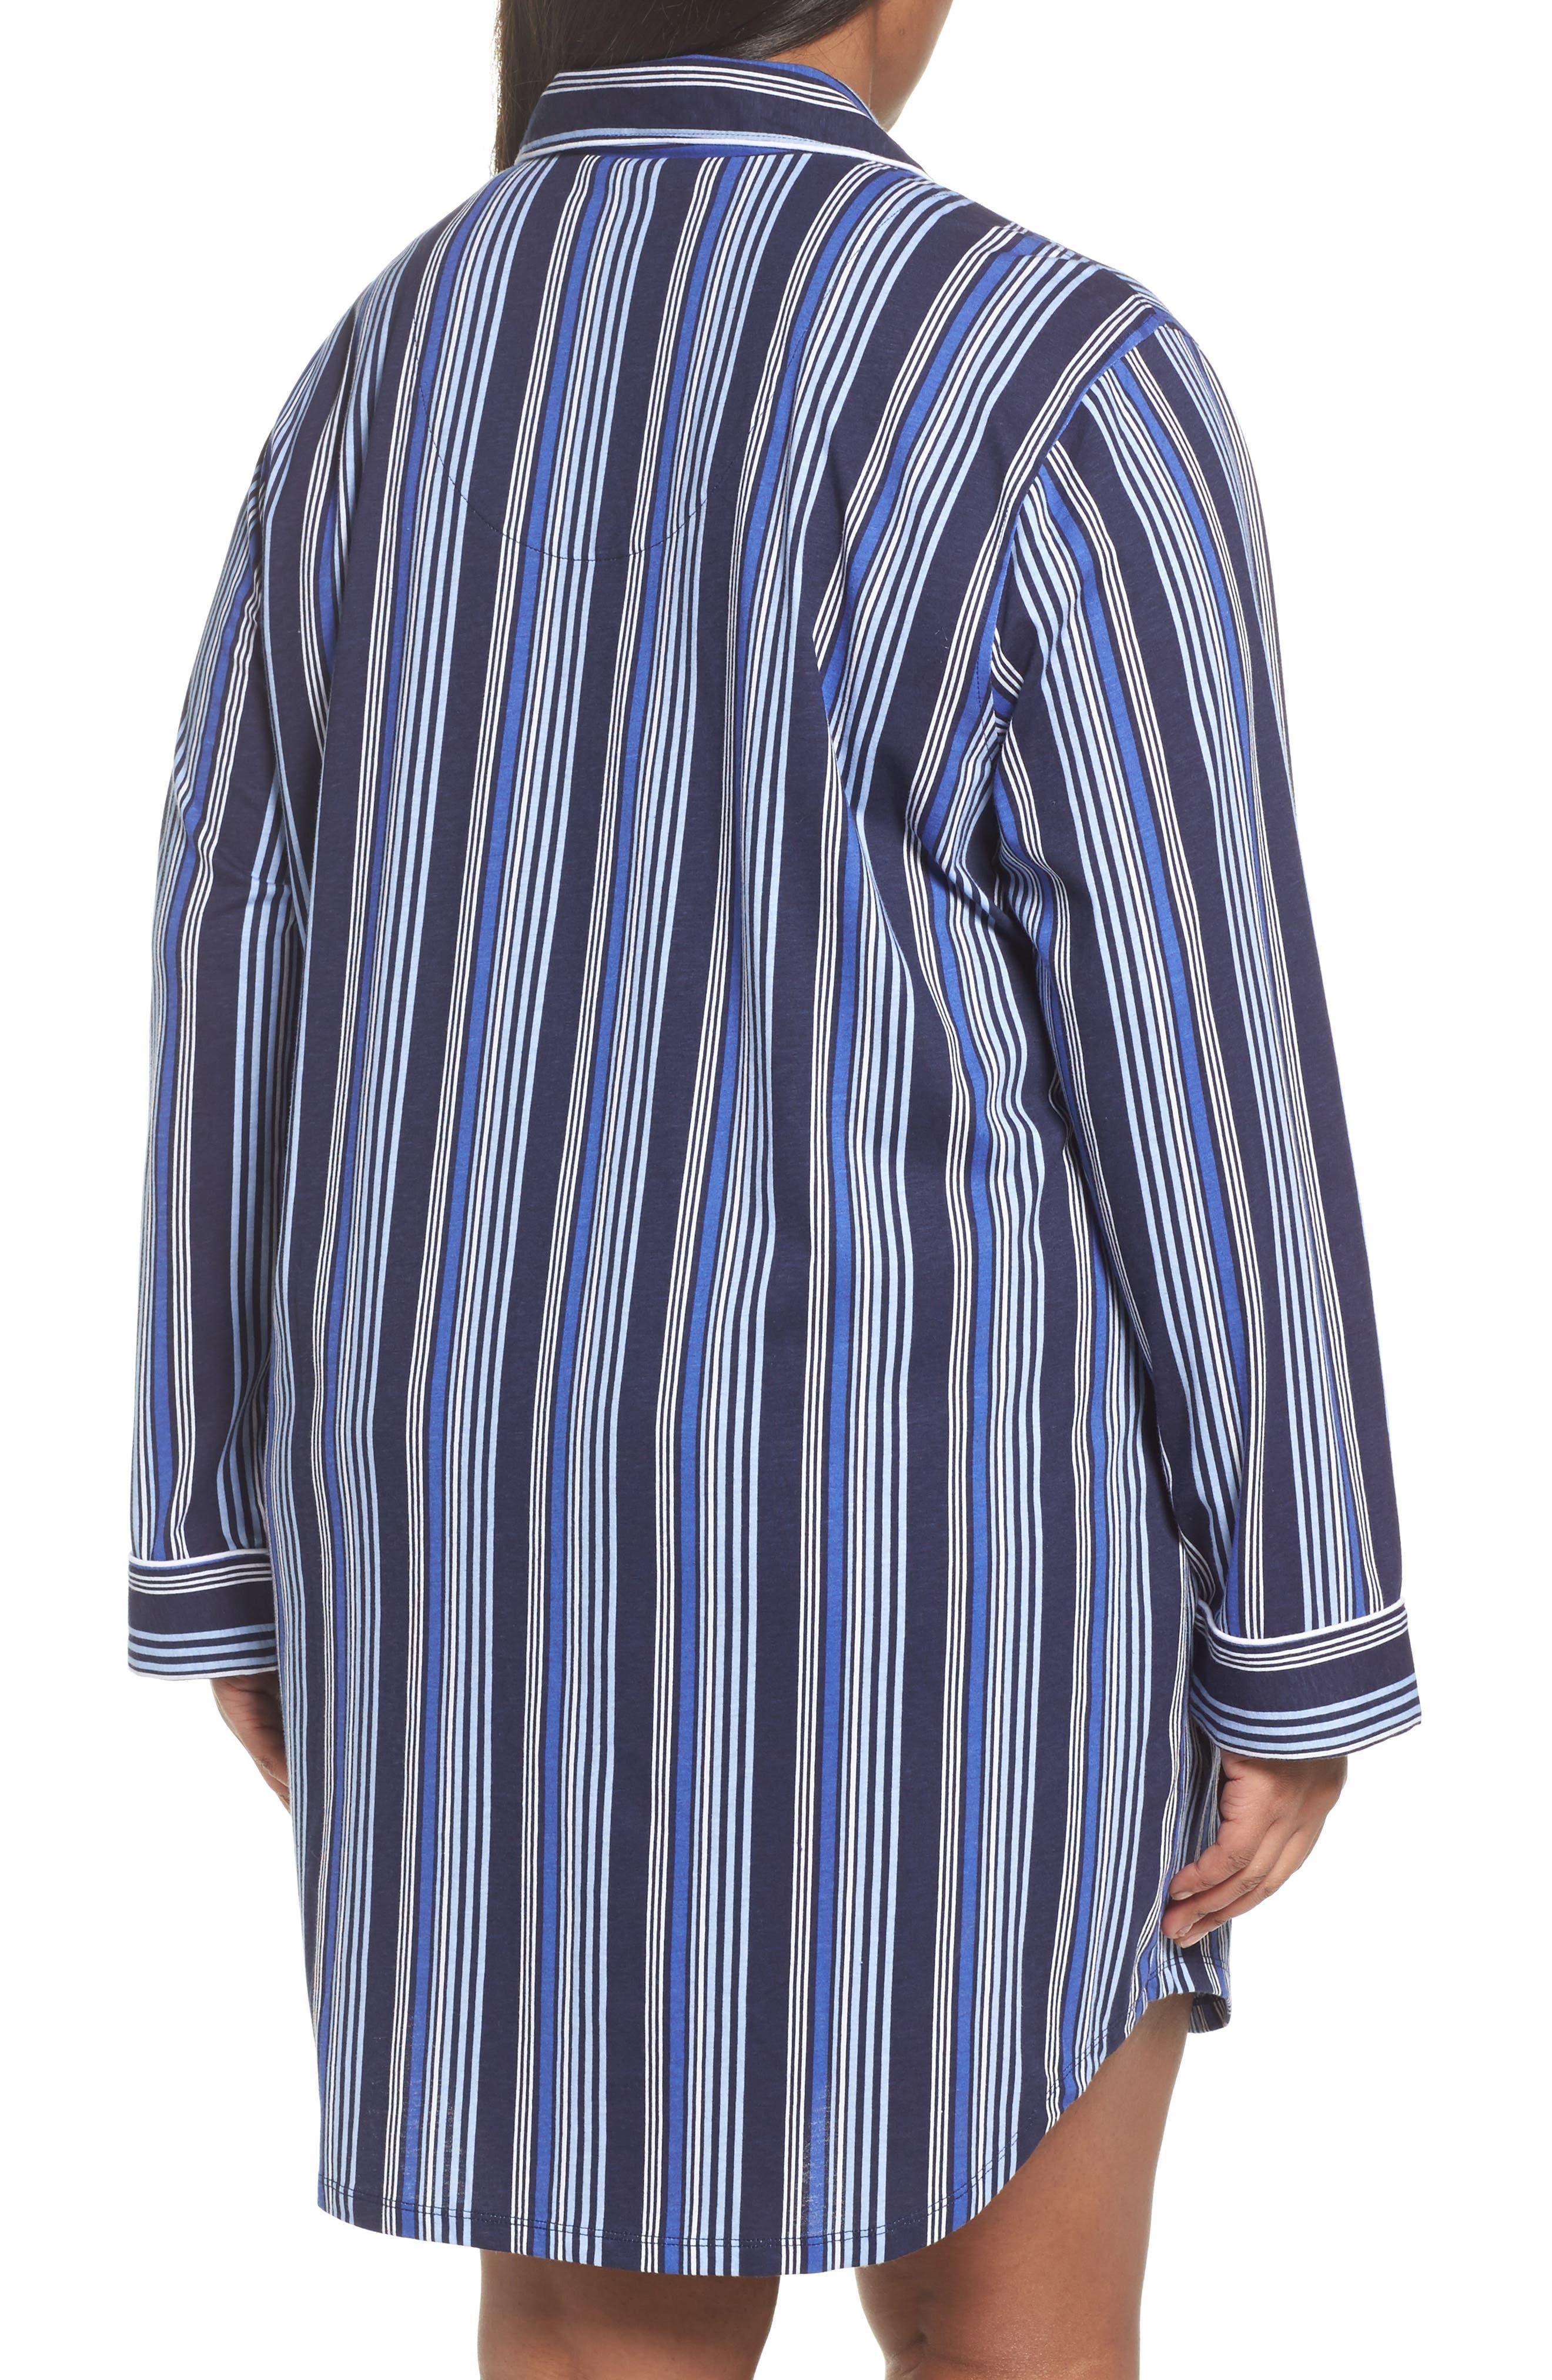 Stripe Night Shirt,                             Alternate thumbnail 2, color,                             Blue Stripe